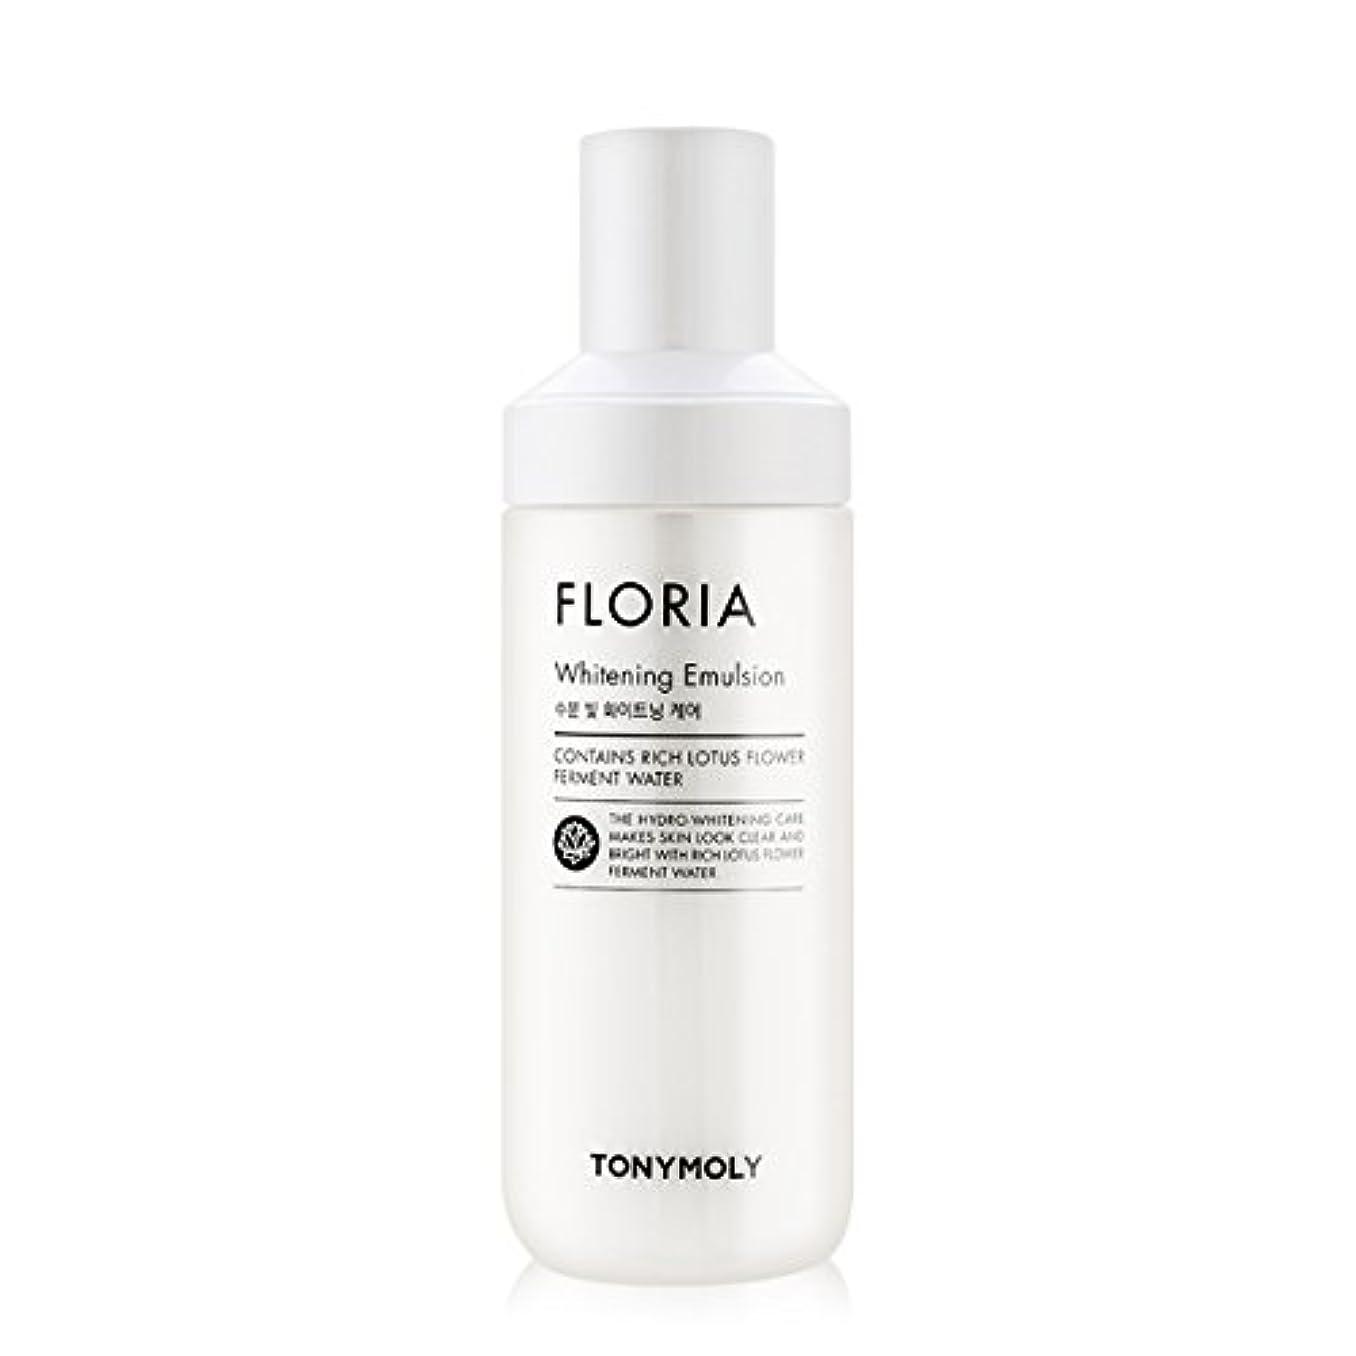 アサート抵抗力があるプリーツ[2016 New] TONYMOLY Floria Whitening Emulsion 160ml/トニーモリー フロリア ホワイトニング エマルジョン 160ml [並行輸入品]